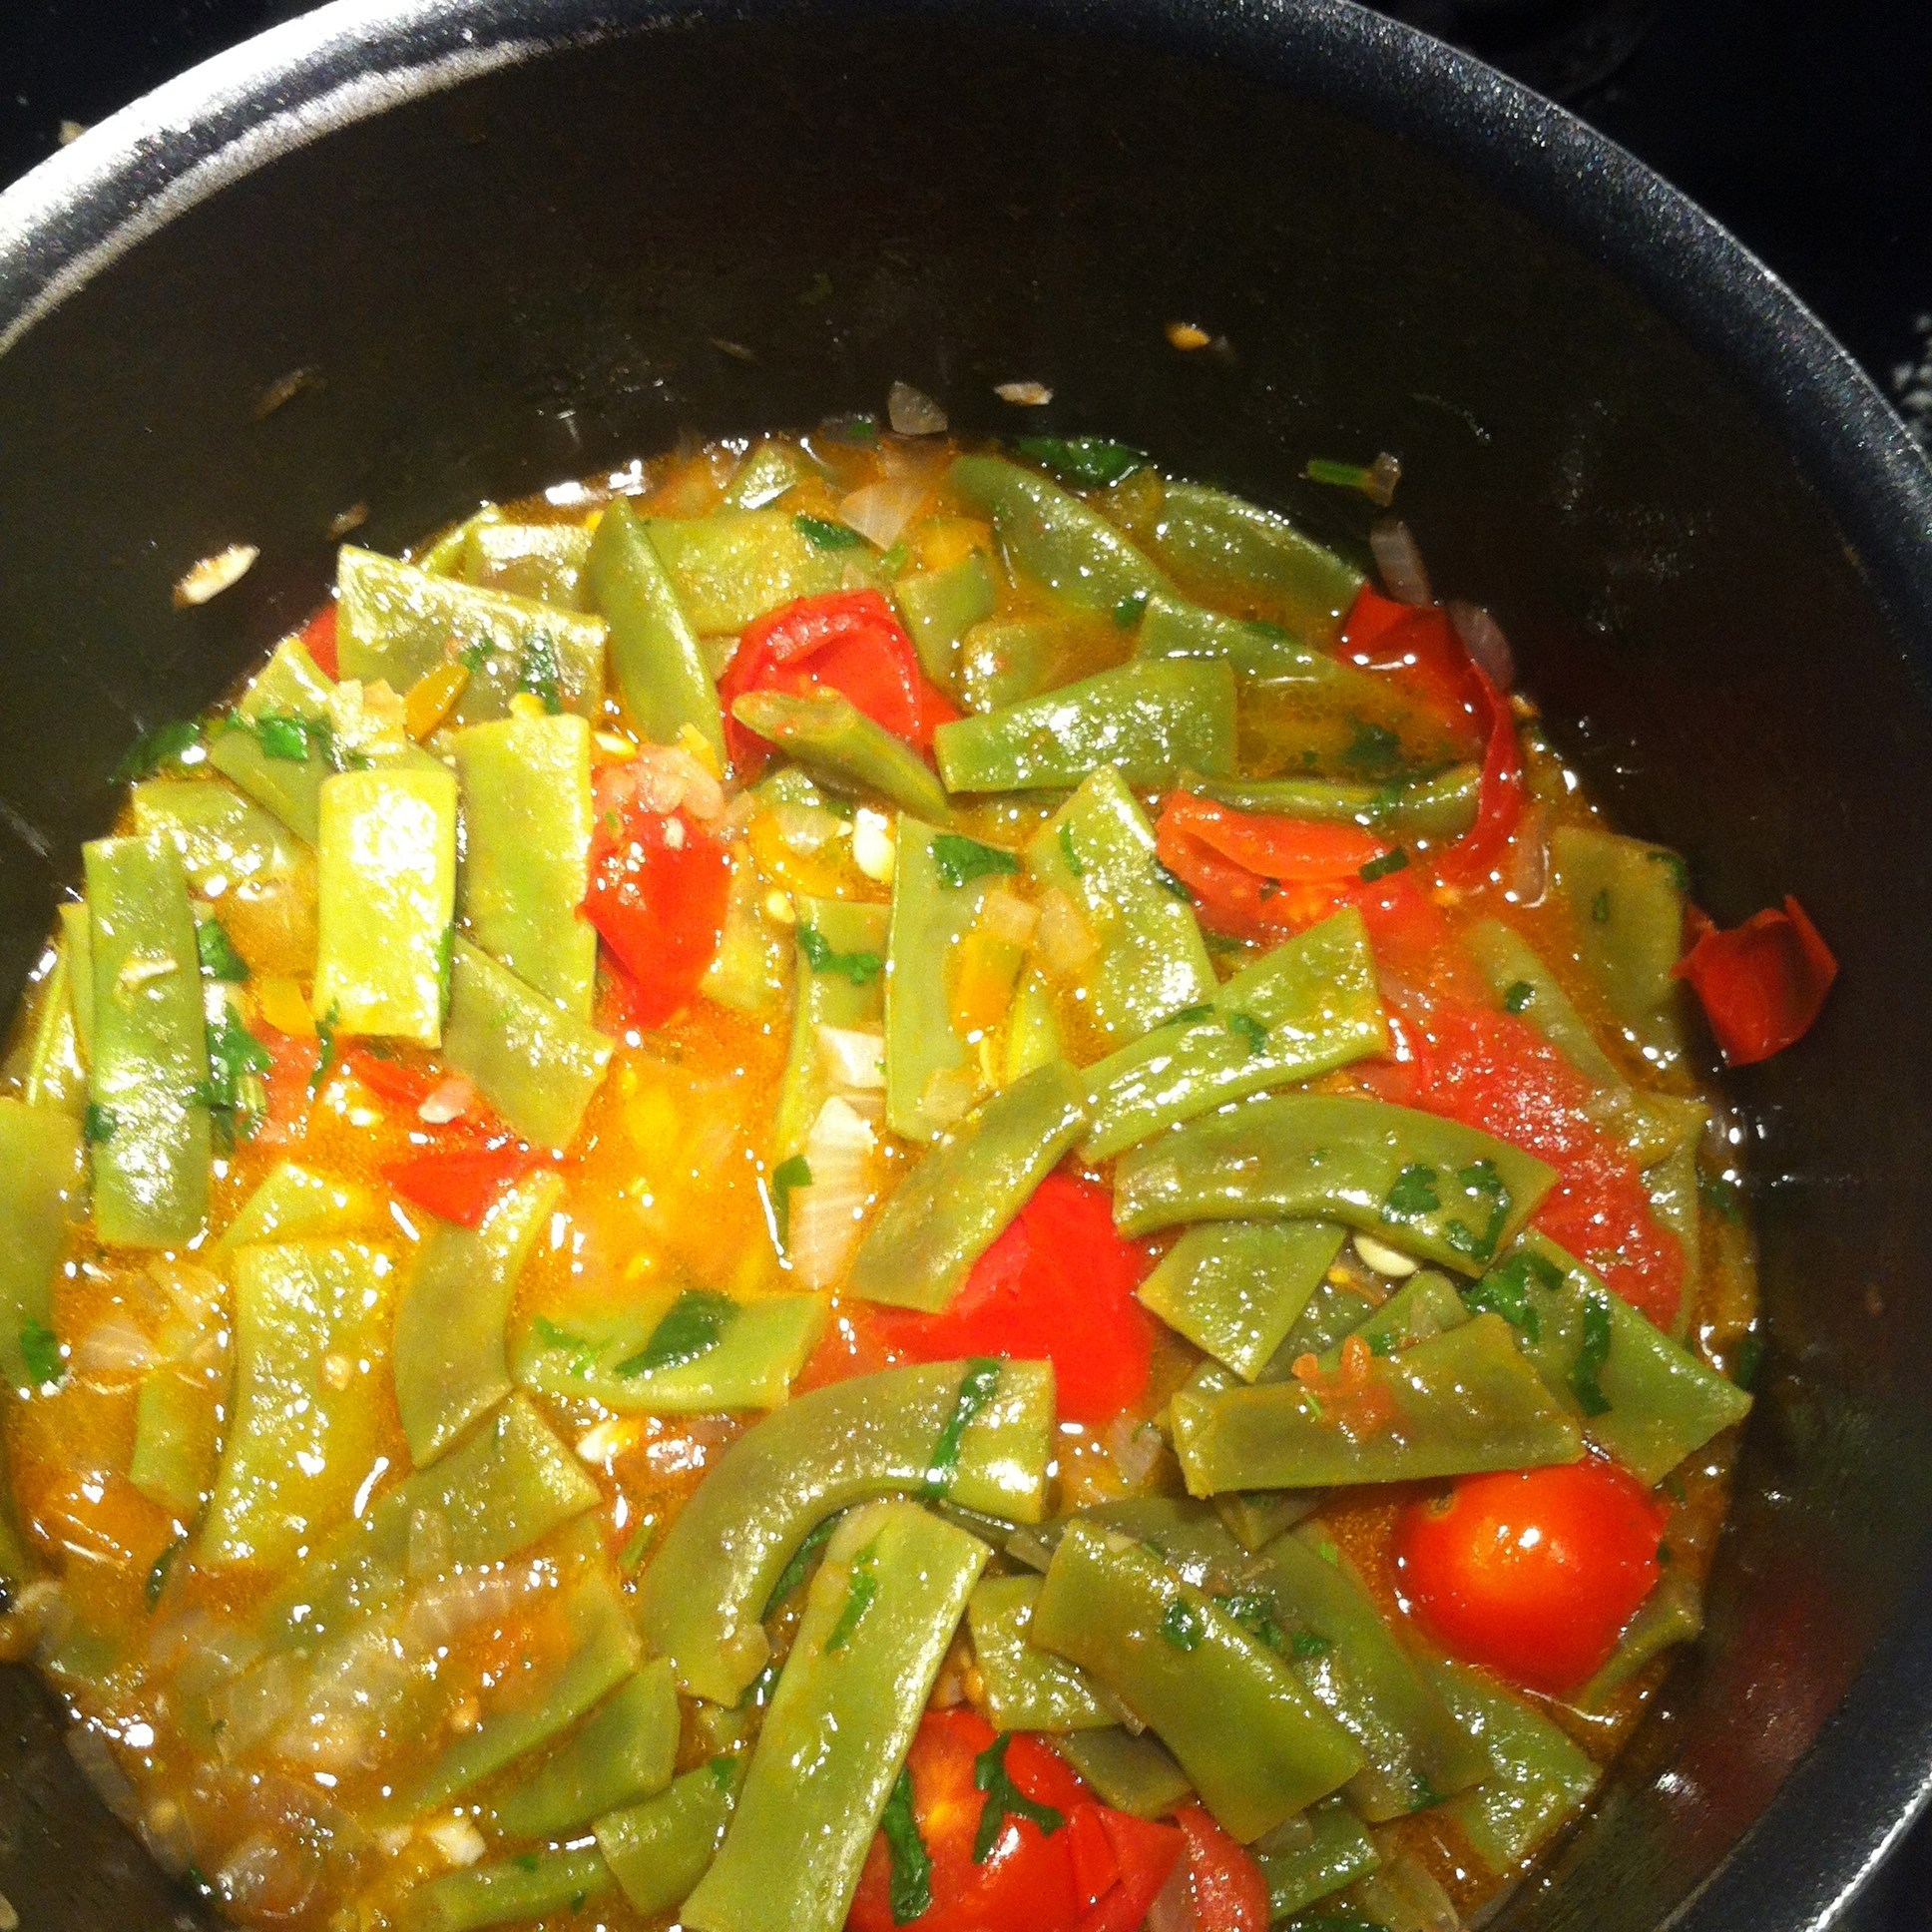 Фасоль с овощами. Как приготовить 6 рецептов с указанием калорийности